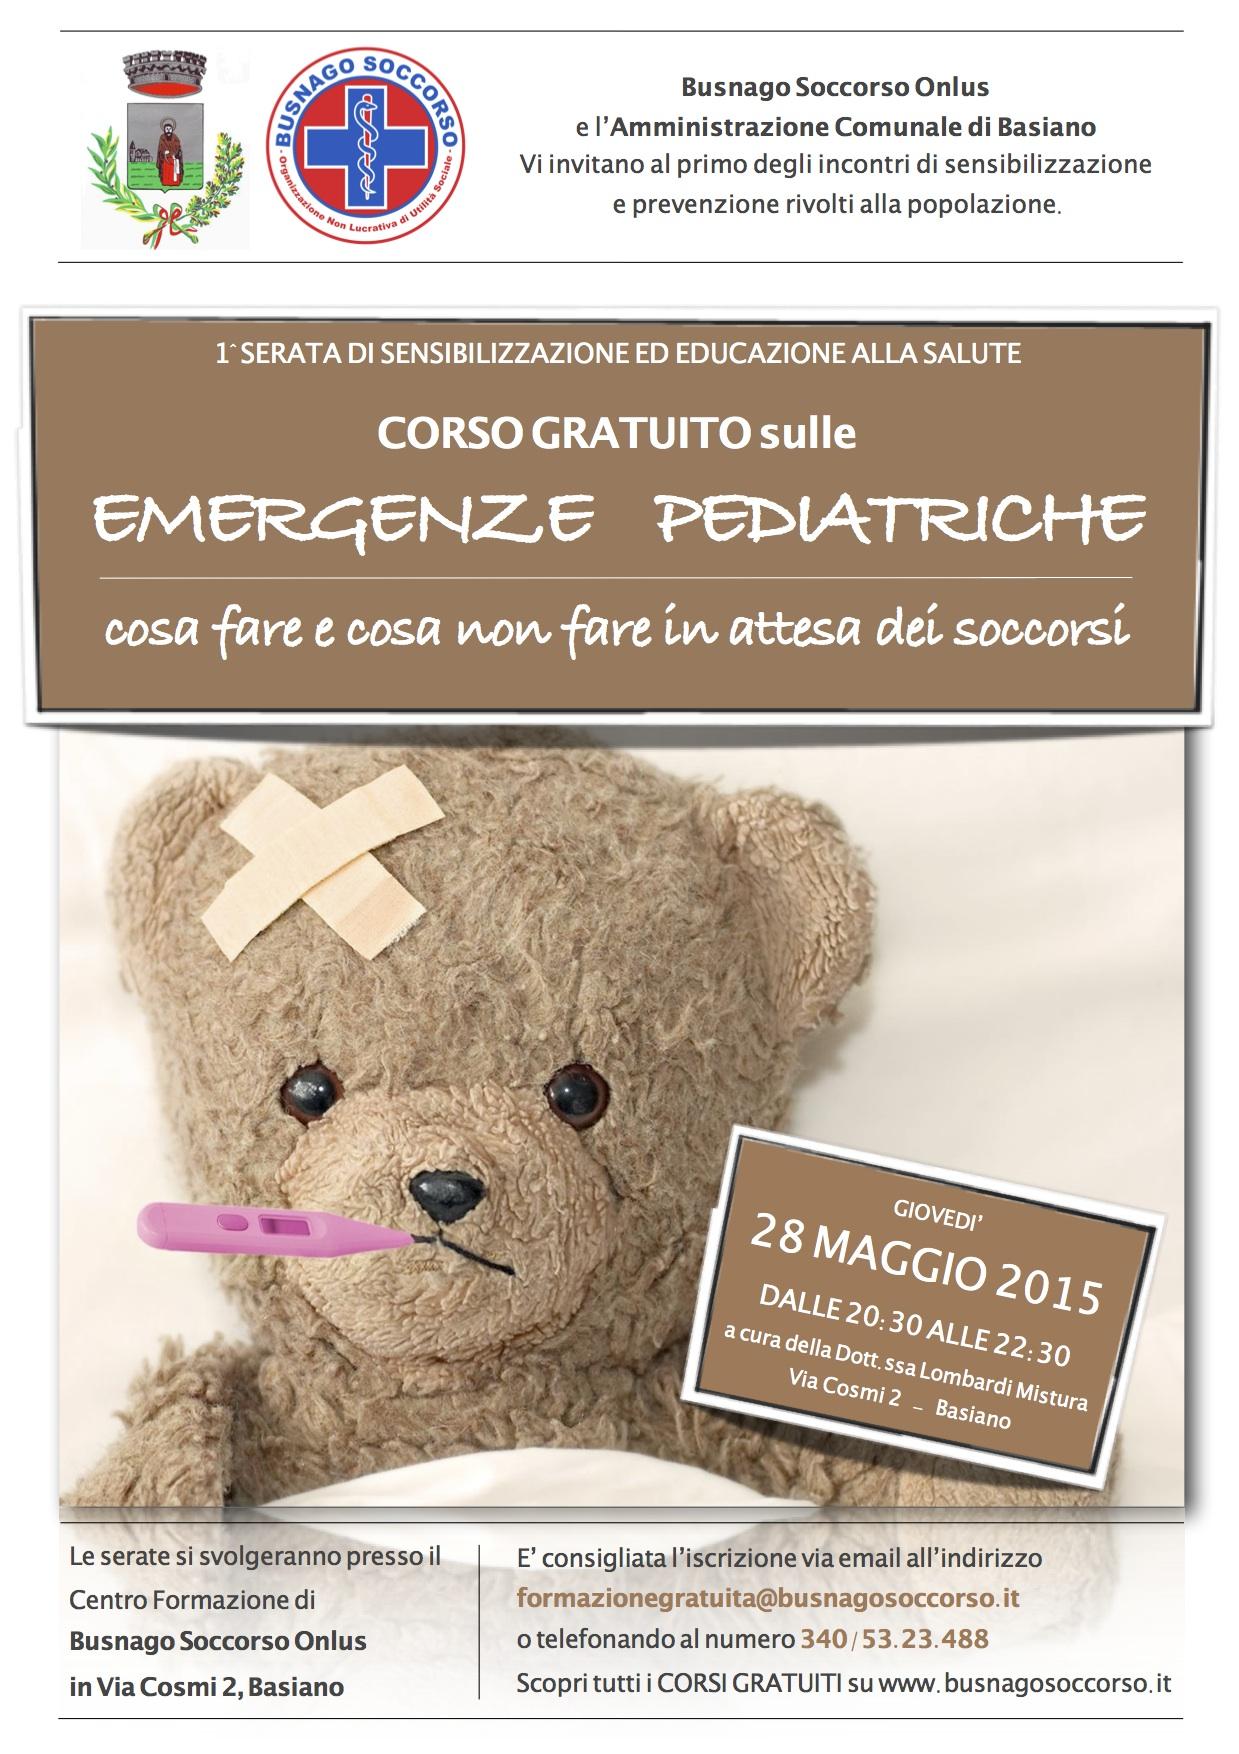 corso_emergenze_pediatriche_2015_busnagosoccorso